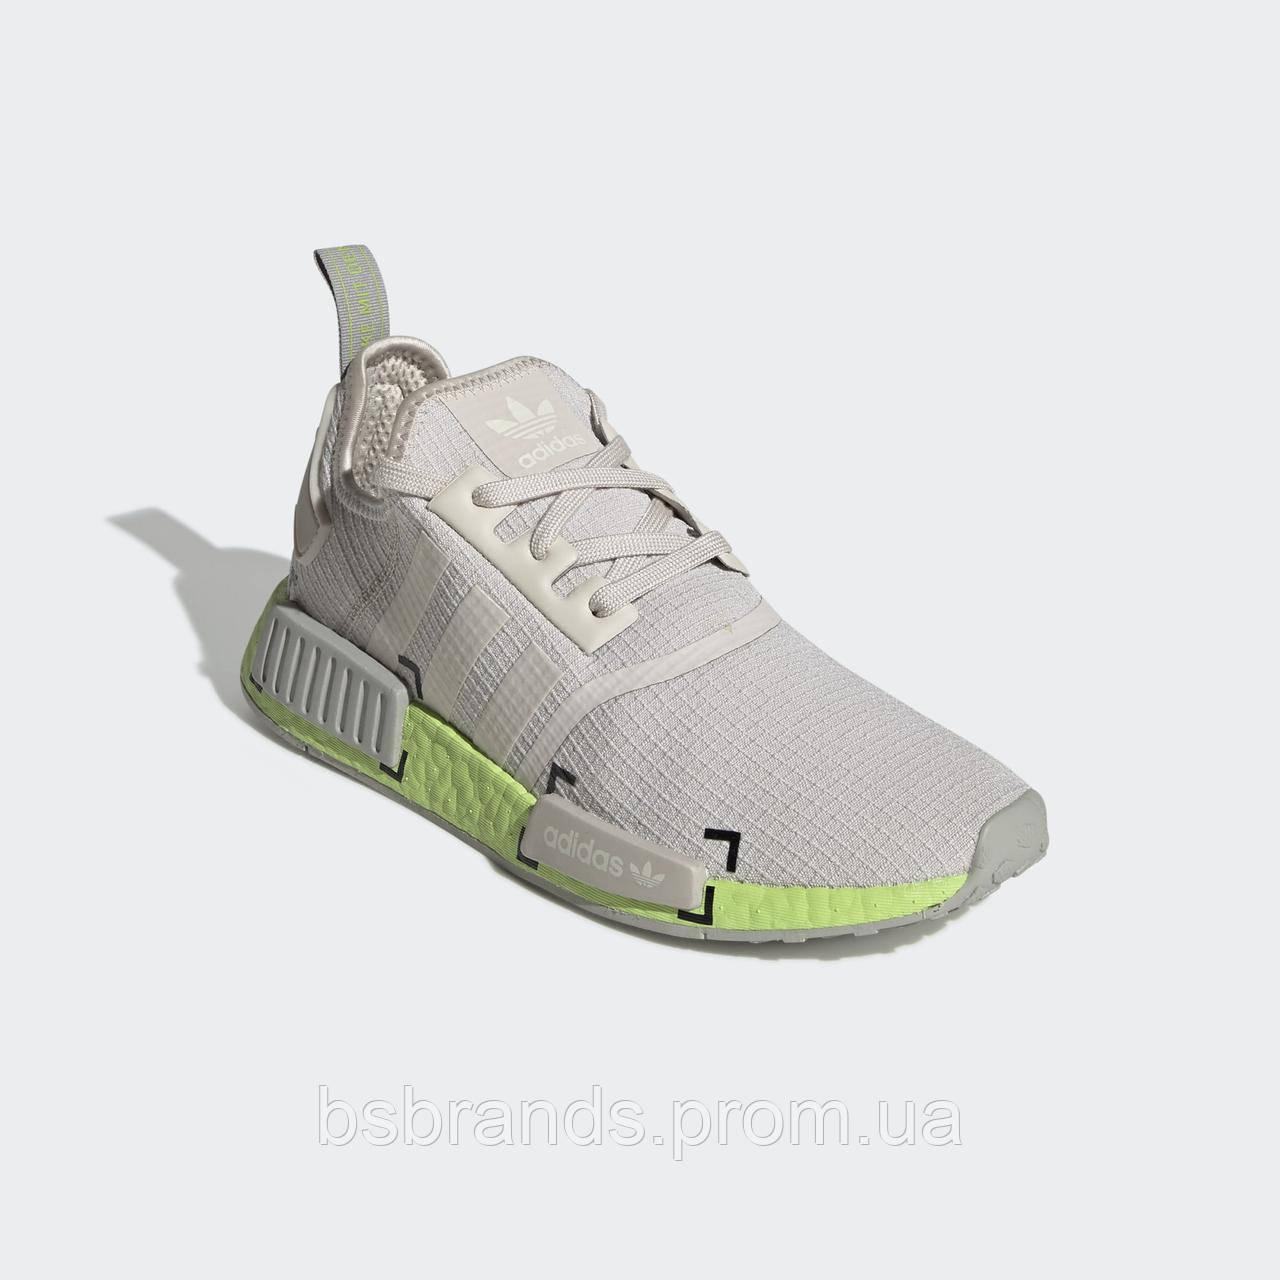 Чоловічі кросівки adidas NMD_R1 FV3908